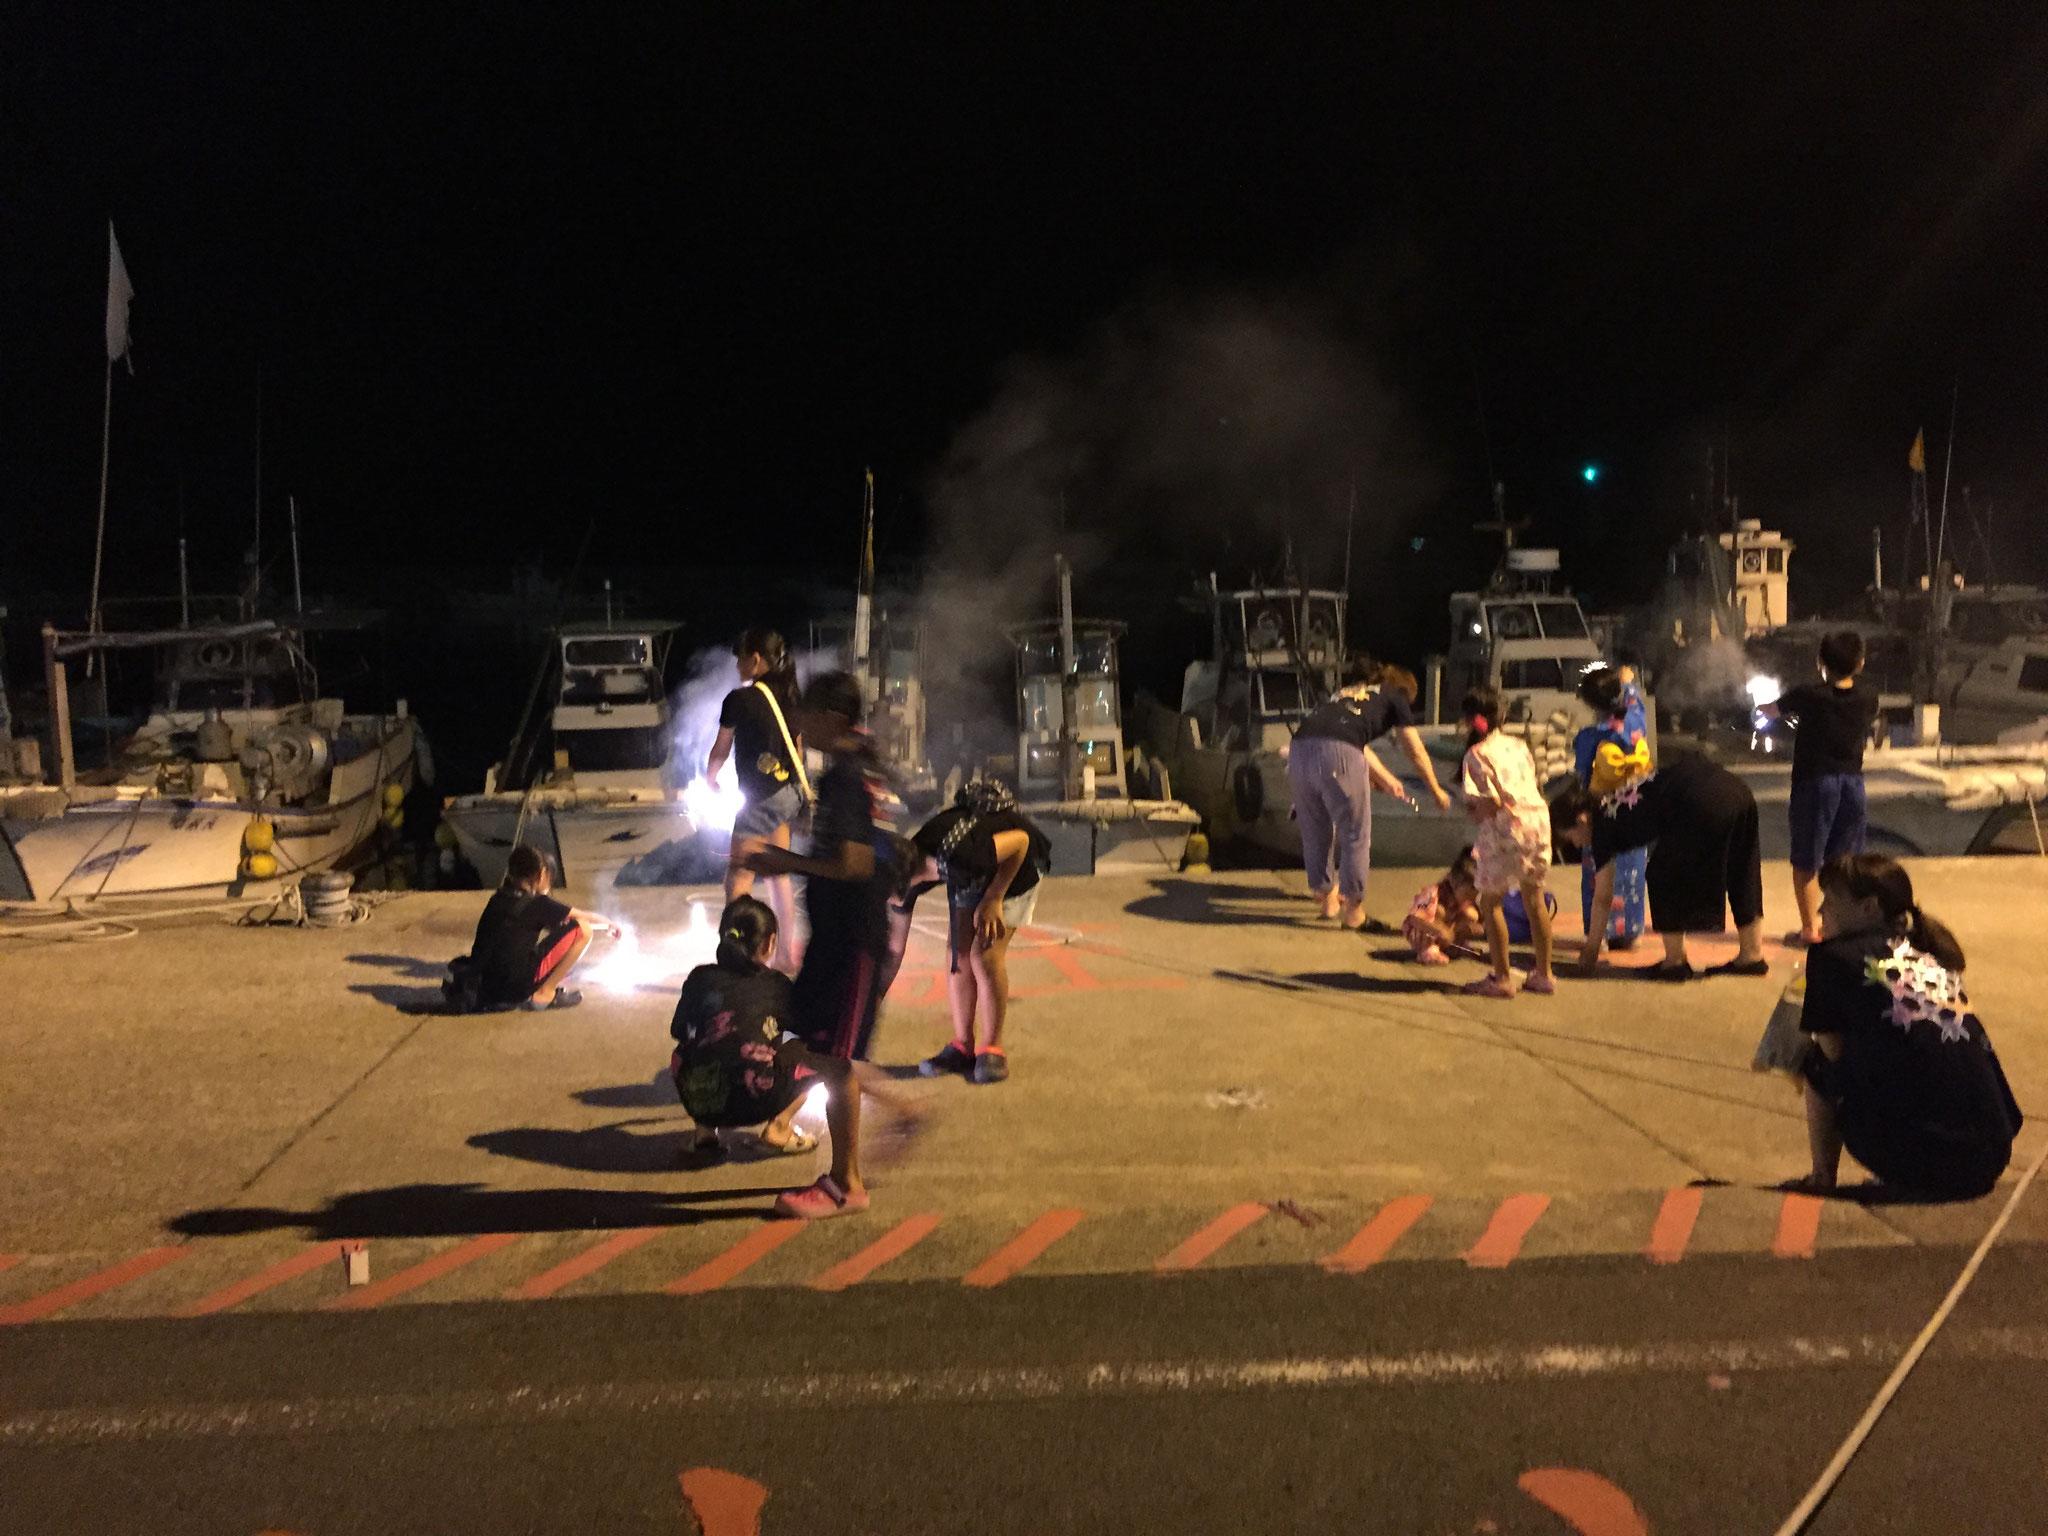 子どもたちは途中休憩に、配られた花火で遊びます。わたしももらったけど、ちょっと仲間には入れなかった。